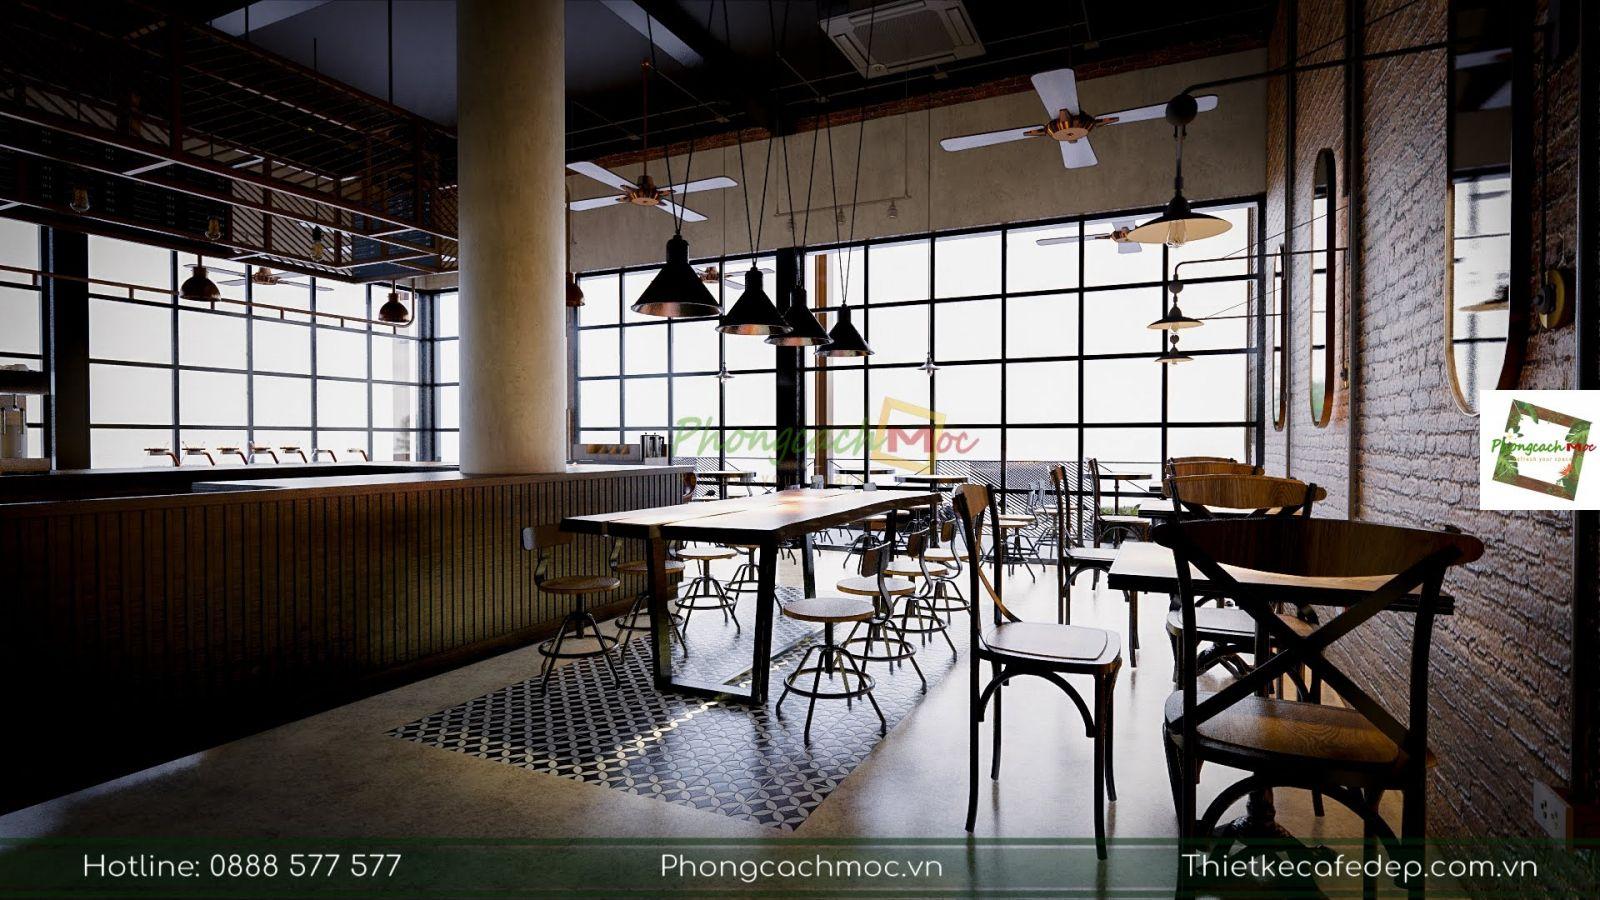 bày trí bàn ghế nội thất tại quán cafe